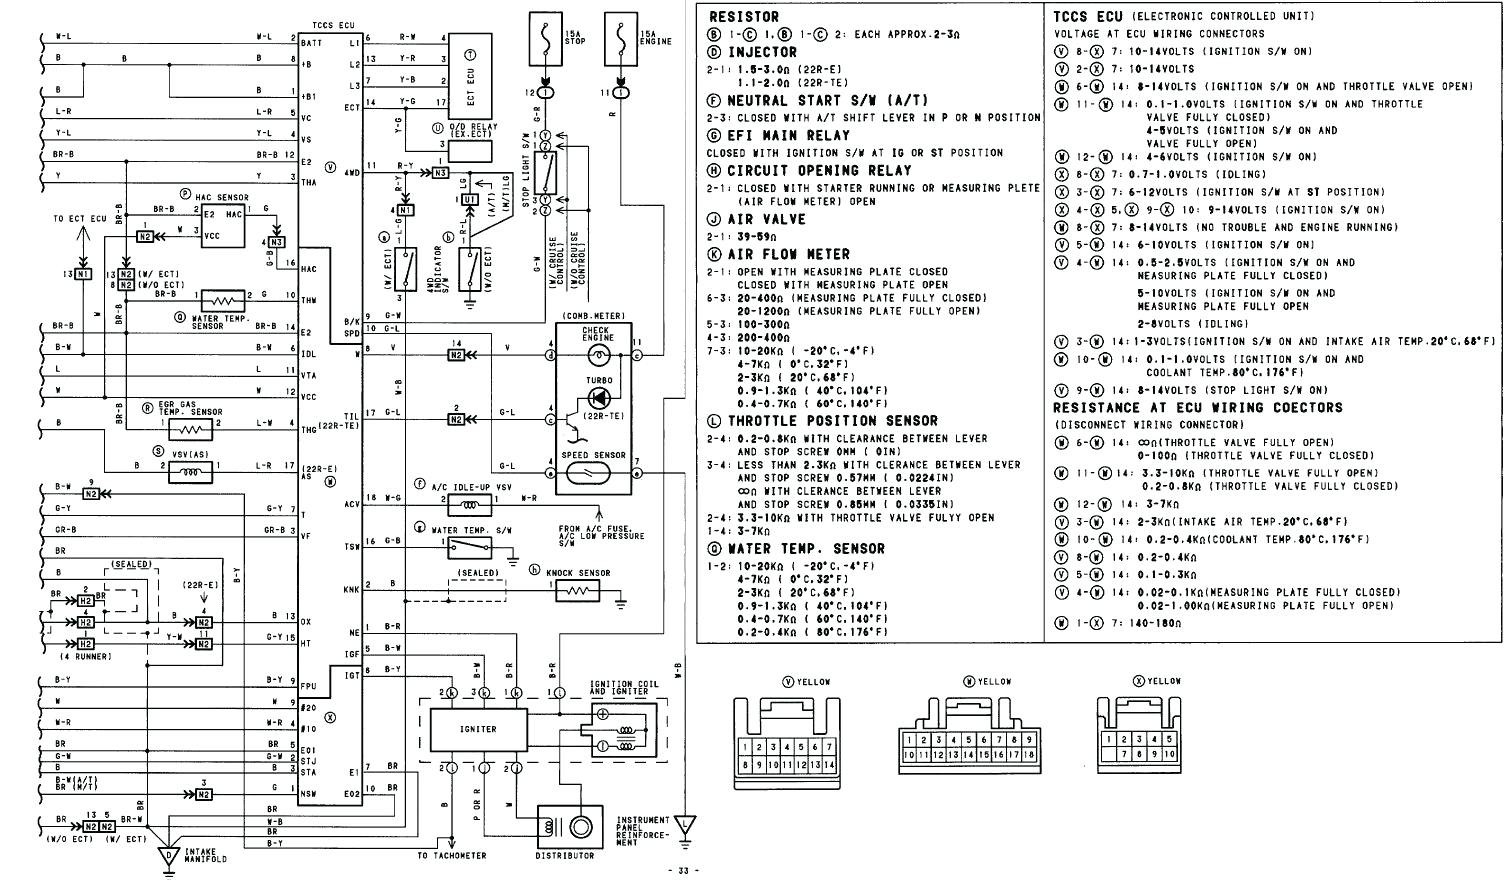 Astonishing 1996 Camry Wiring Diagram Wiring Diagram Data Wiring Cloud Ittabpendurdonanfuldomelitekicepsianuembamohammedshrineorg